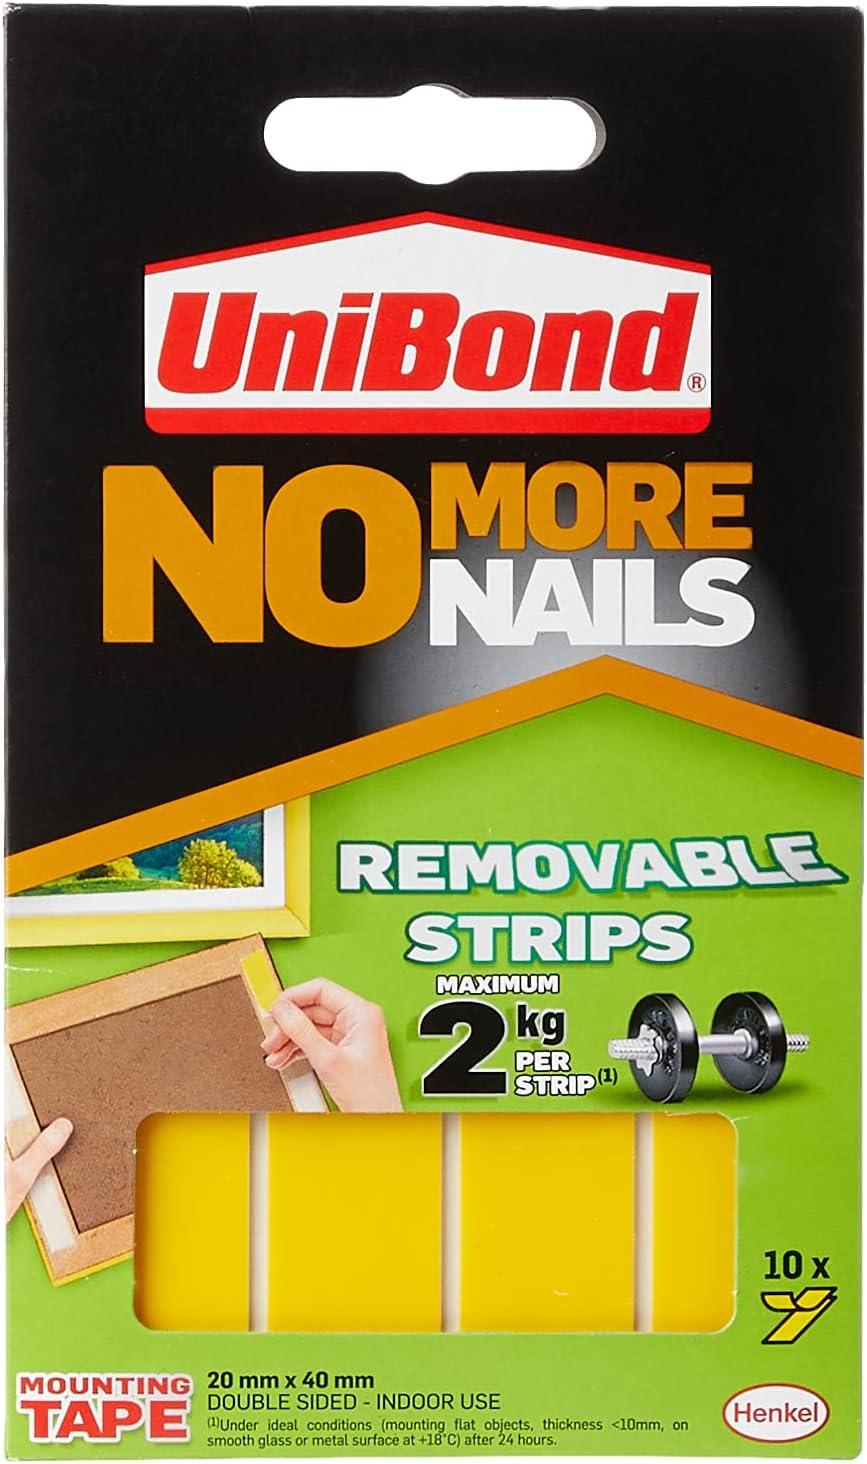 Unibond UNI781739 No More Nails Strip Ultra fuerte Extraíble Translúcido - 1 Paquete con 10 bandas